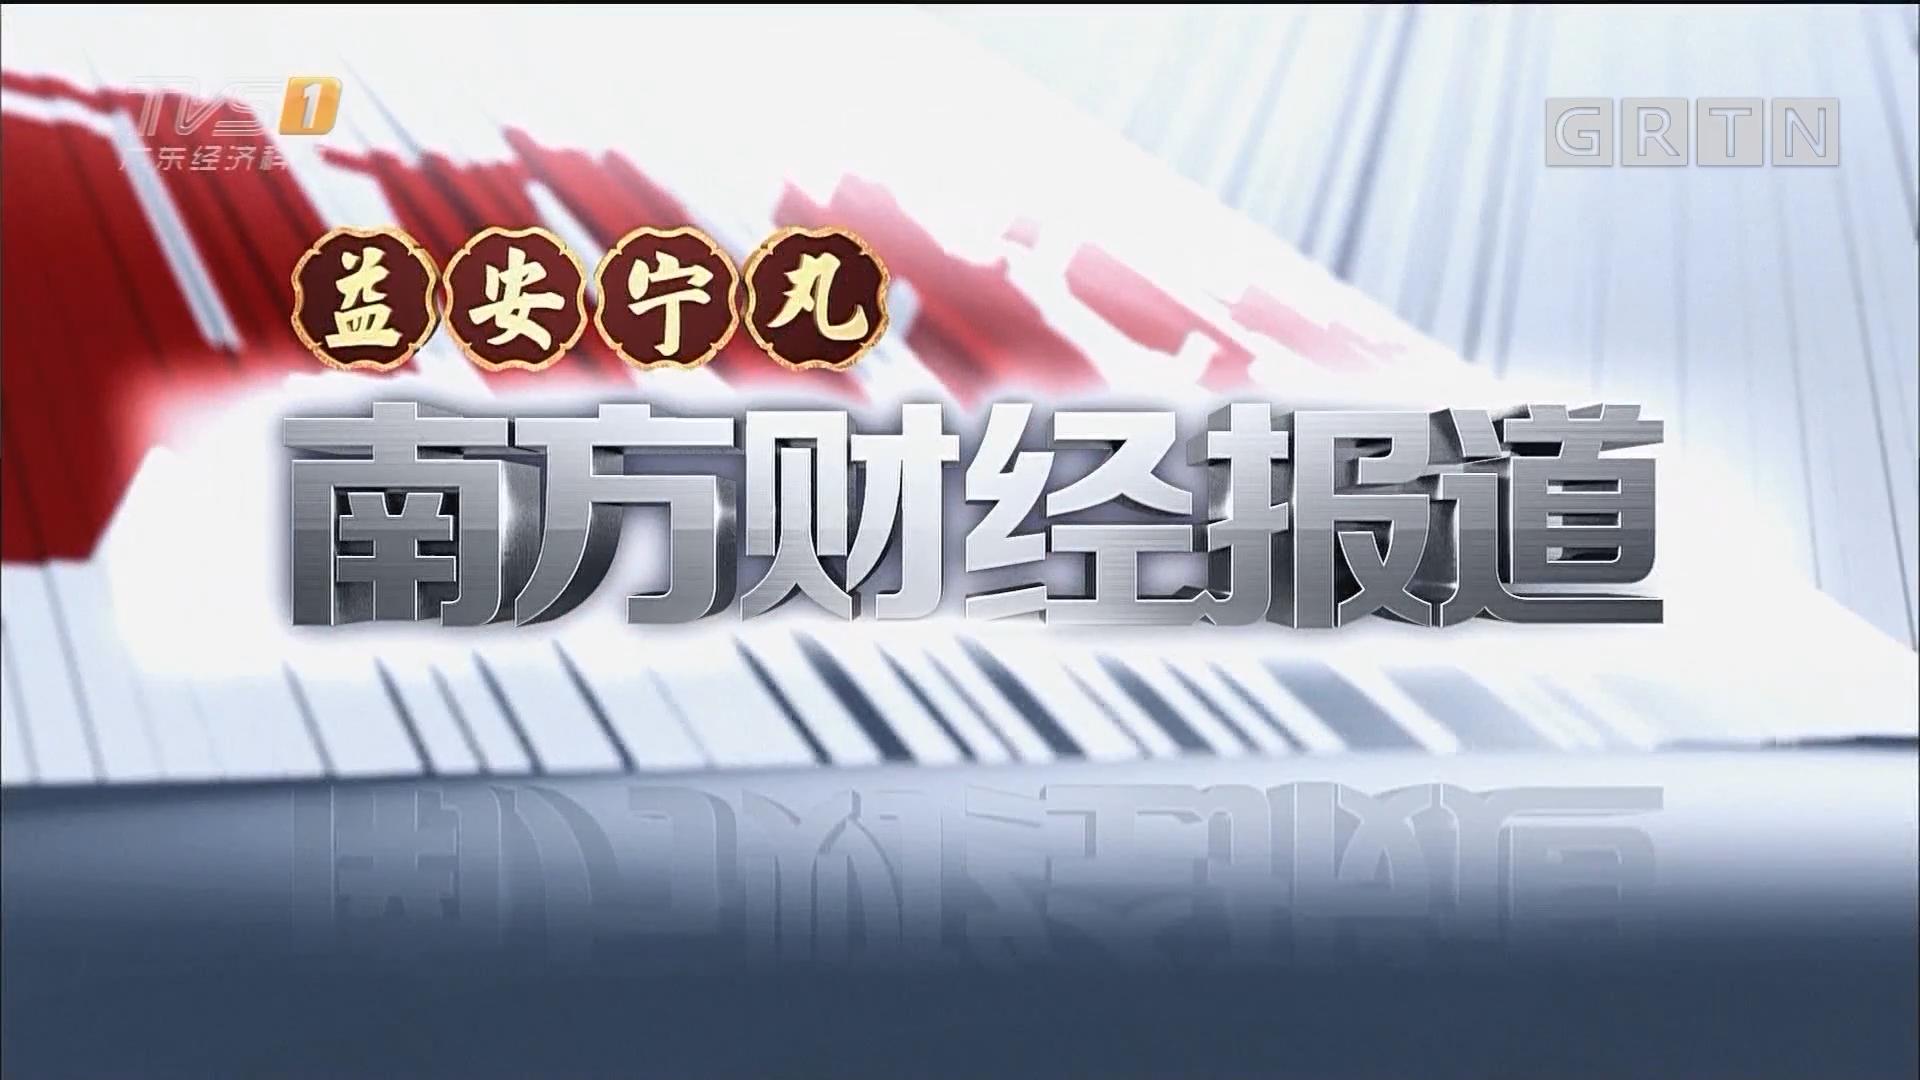 [HD][2019-05-22]南方财经报道:粤港澳媒体大湾行:建一流湾区!香港投入超过1000亿港元发展科创